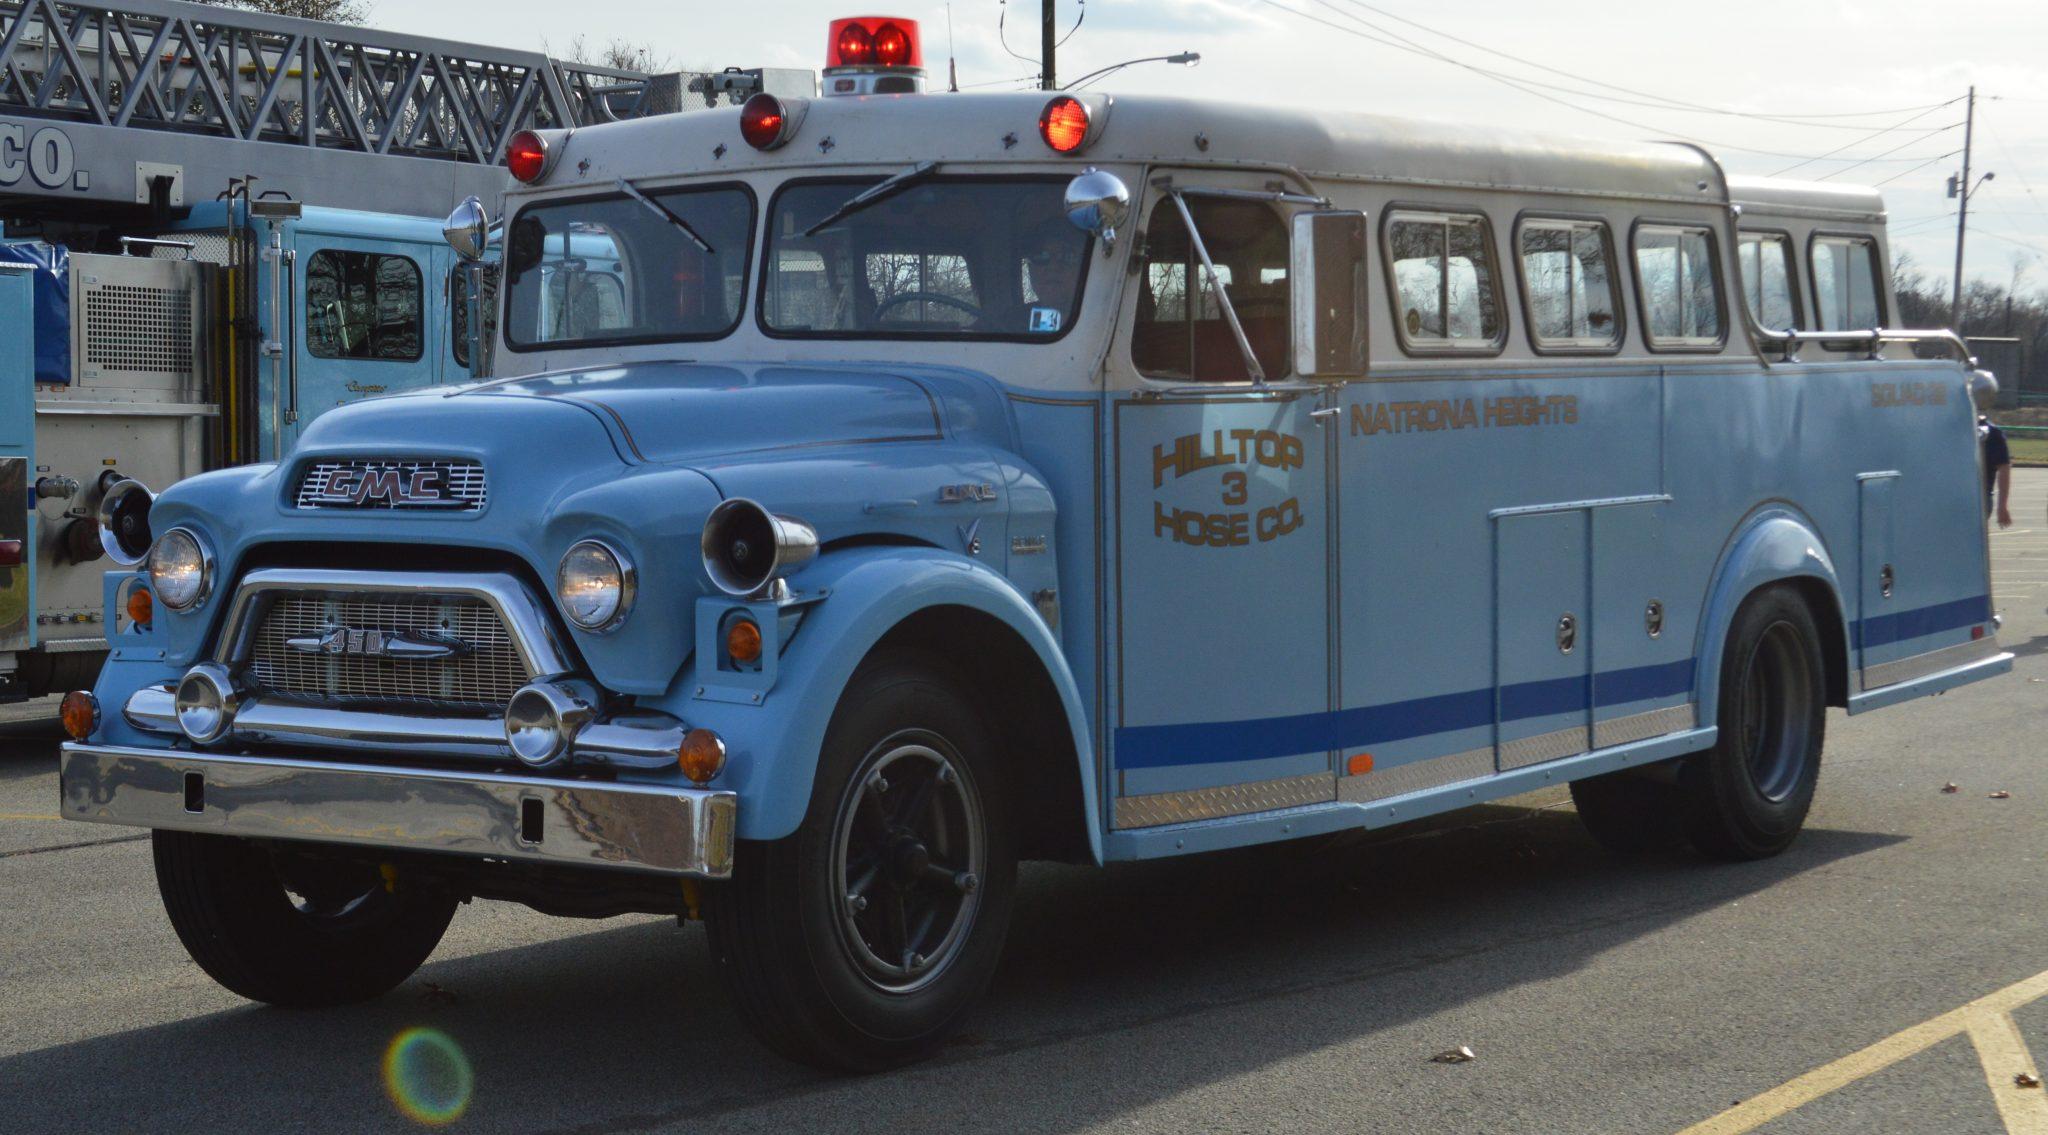 hilltop hose truck 2